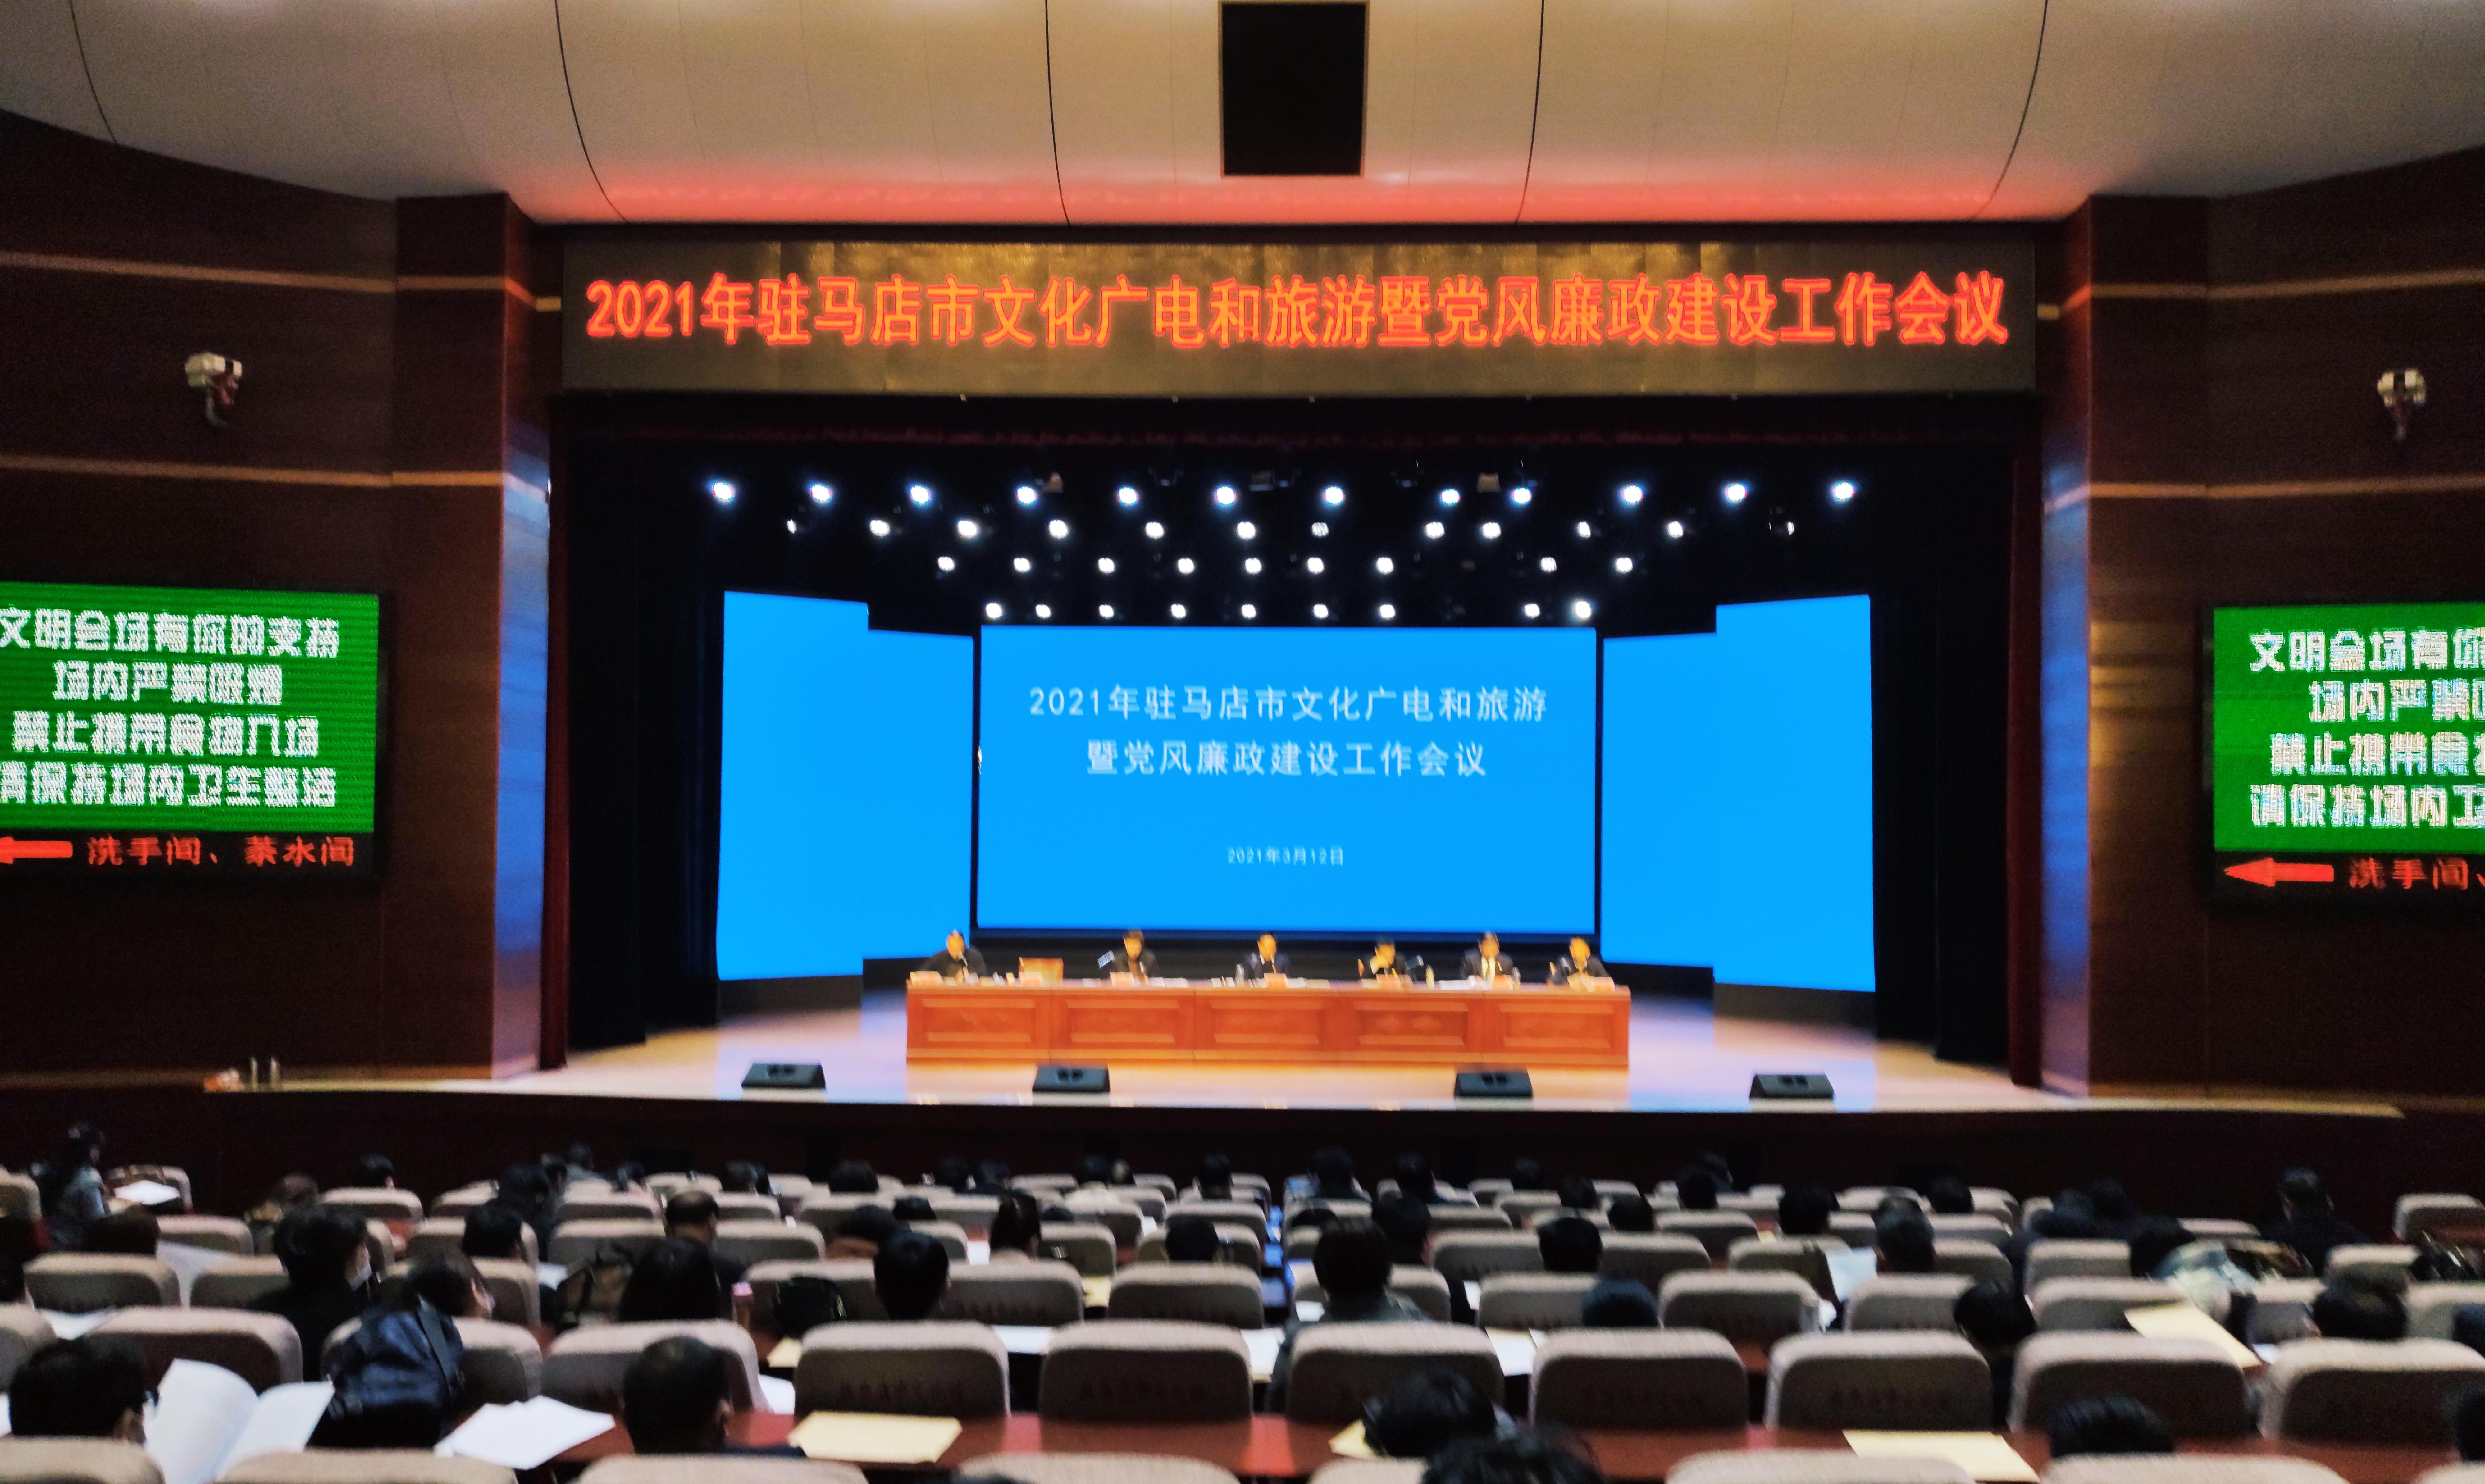 驻马店市文化广电和旅游局召开2021年工作会议